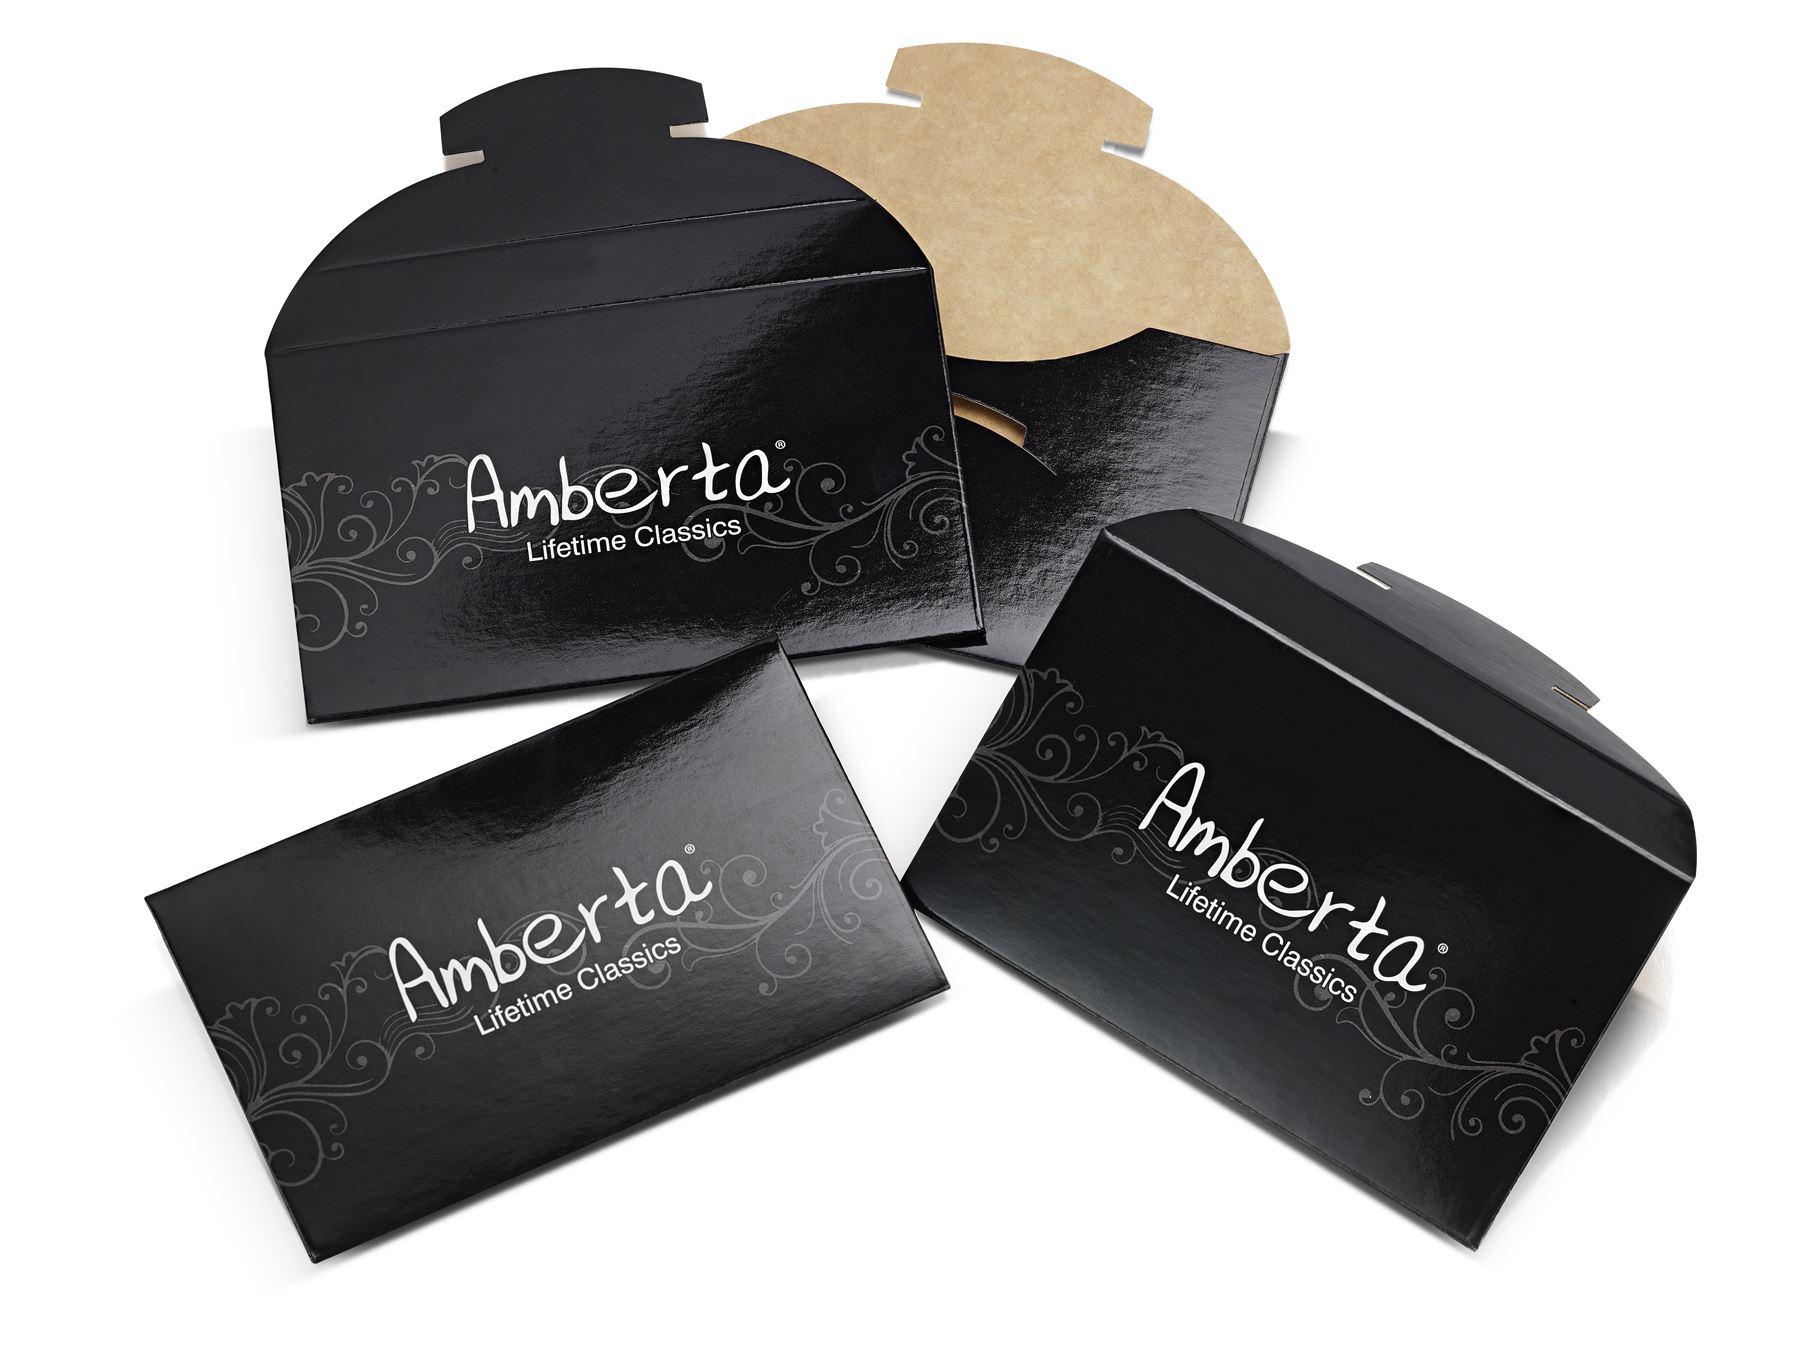 Amberta-Pendientes-para-Mujer-Aros-en-Plata-De-Ley-925-Autentica-Estilo-Clasico miniatura 37